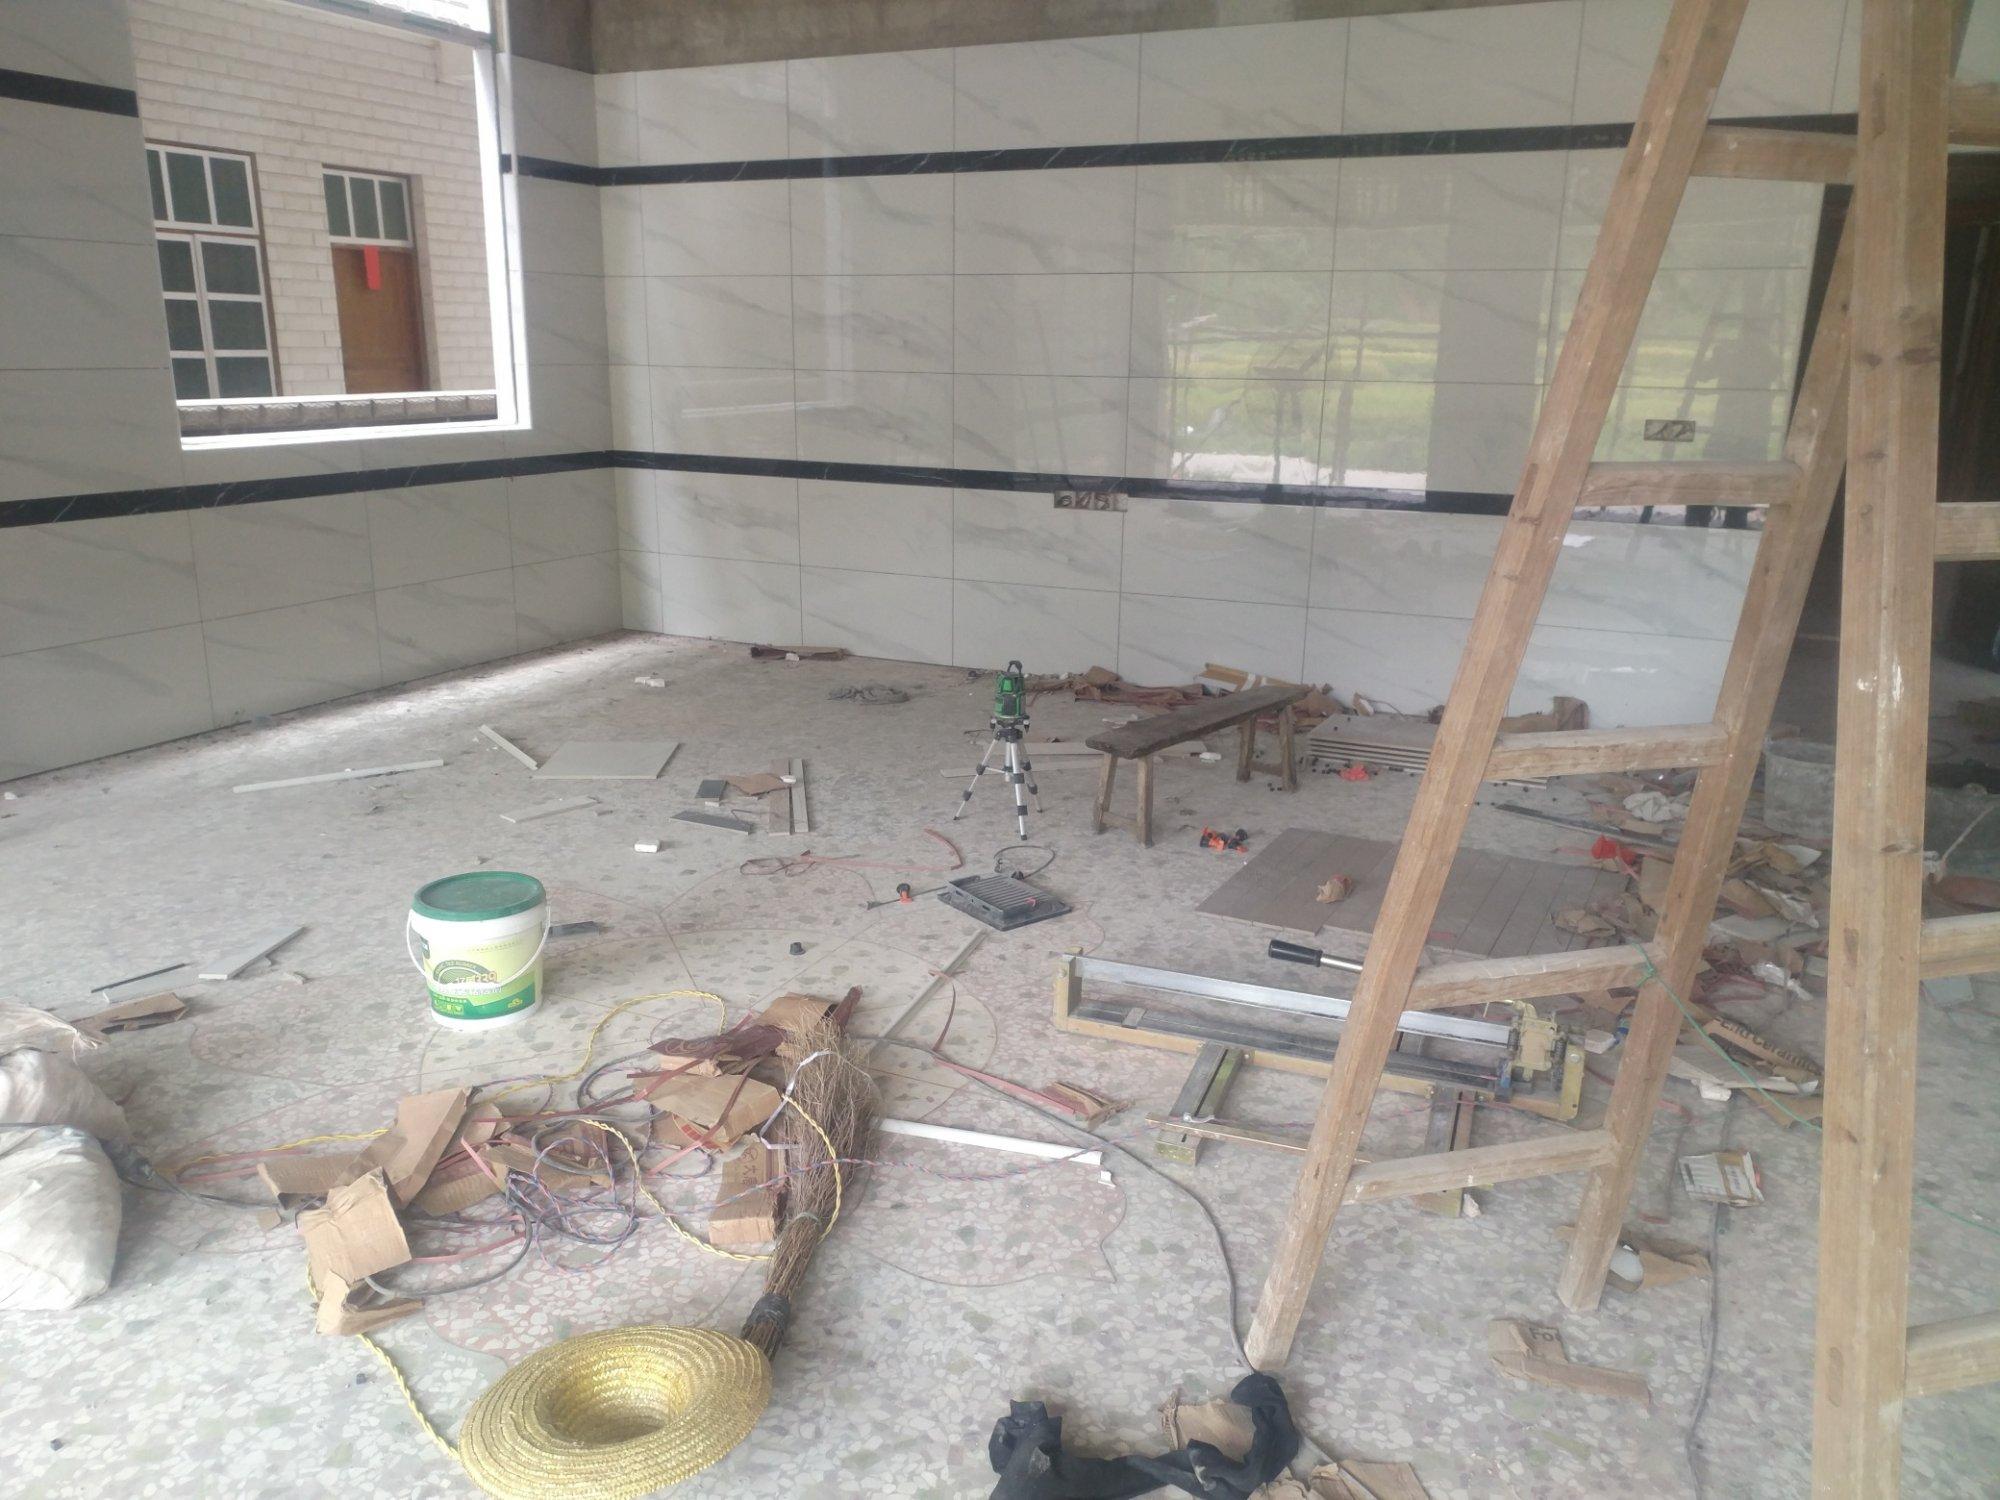 家里墙砖贴了两条黑腰线,感觉不好看,又不想坼,大家有没有其它办法?